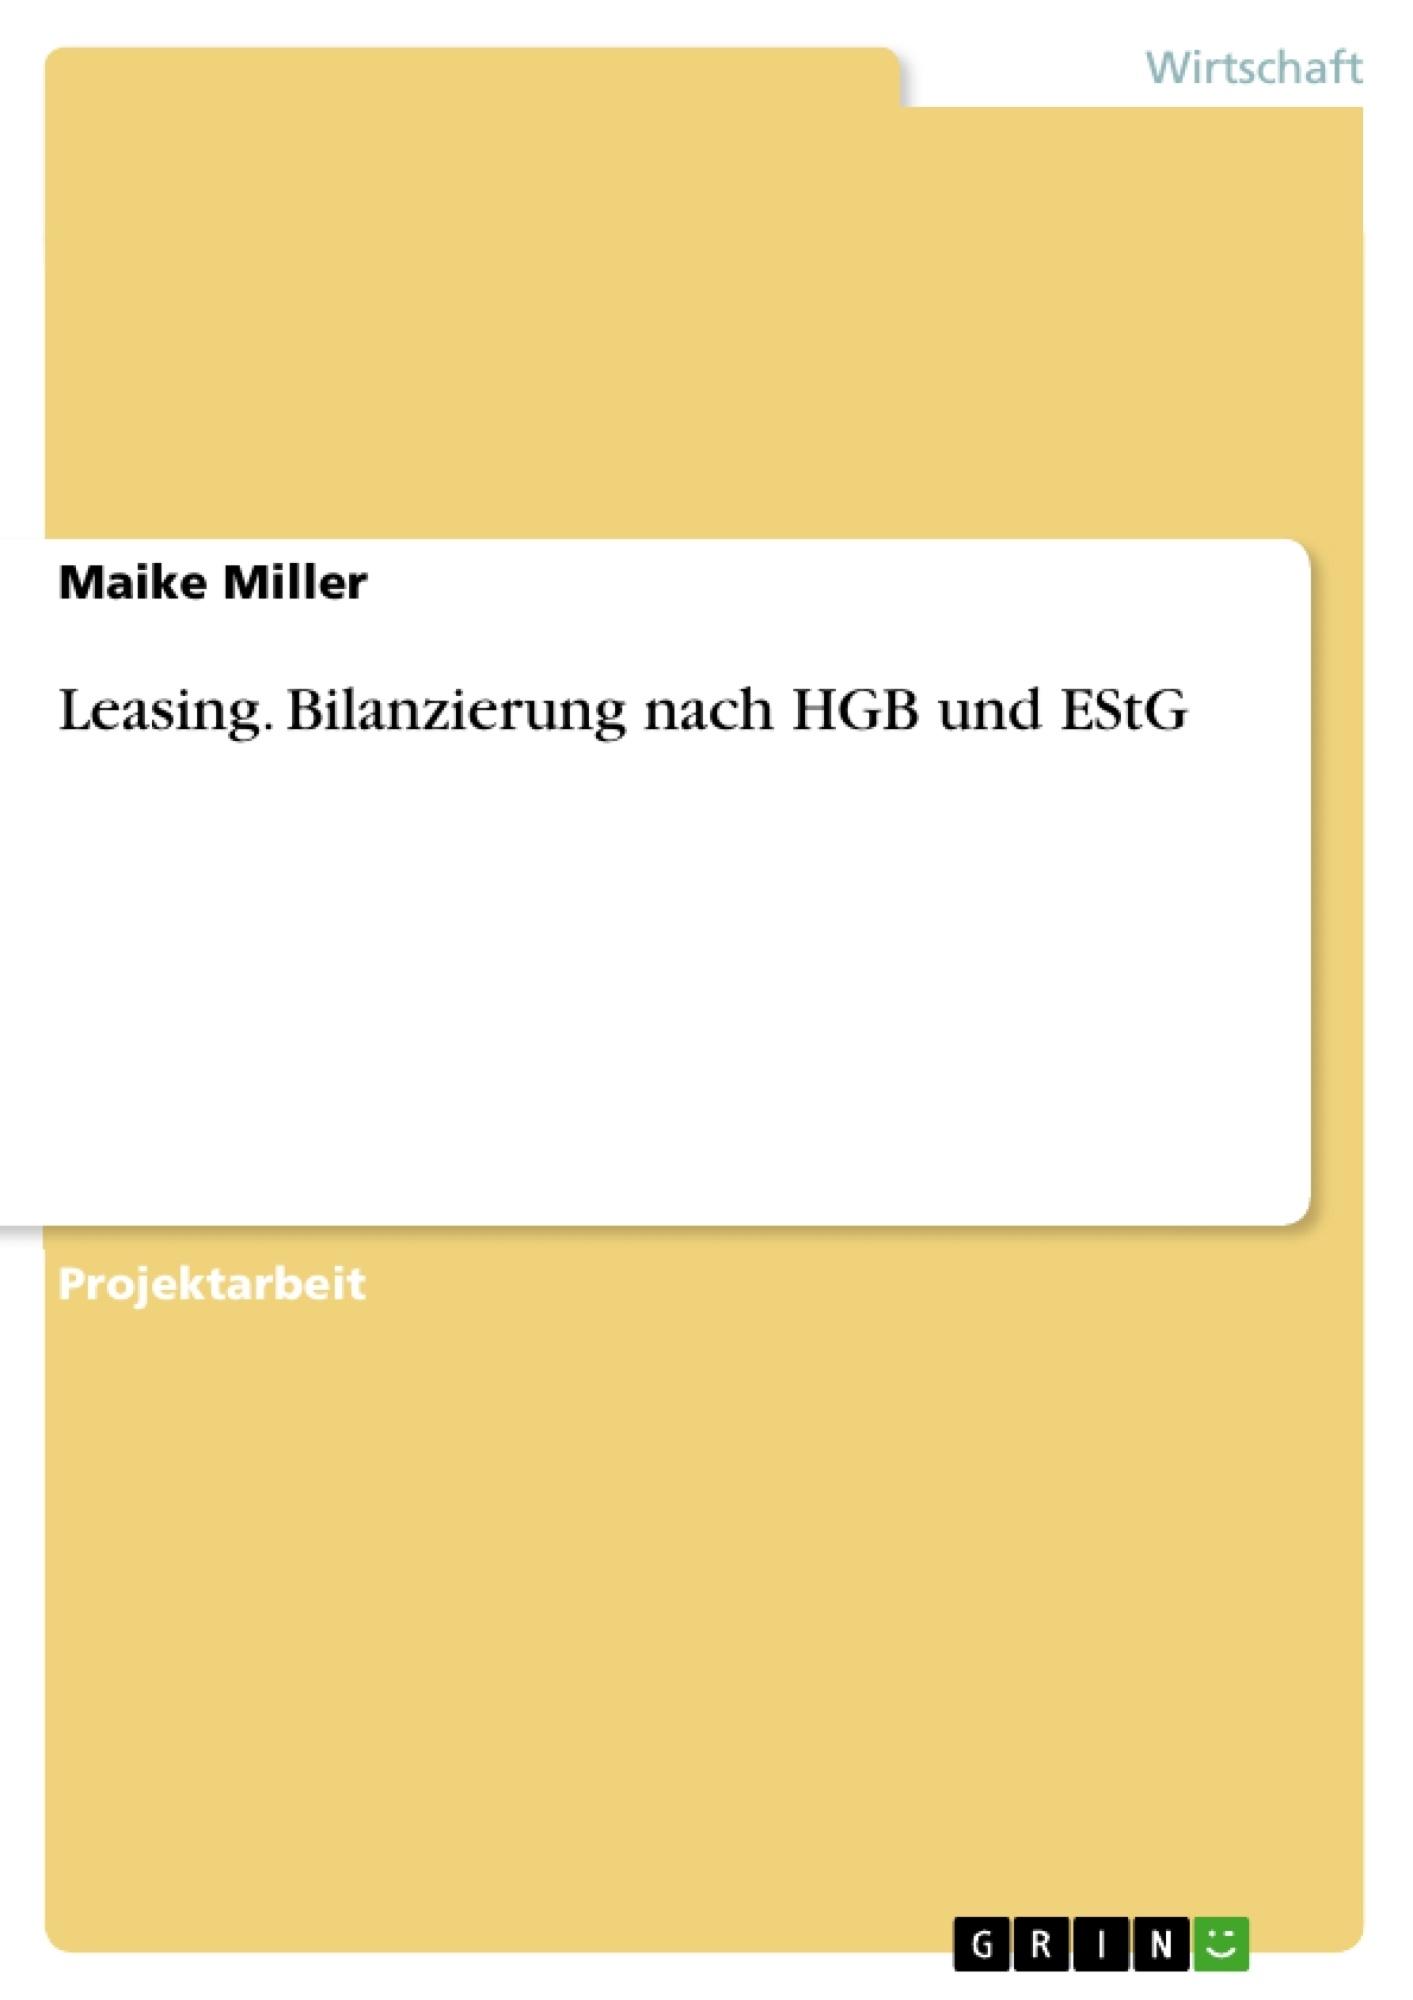 Leasing. Bilanzierung nach HGB und EStG | Masterarbeit, Hausarbeit ...